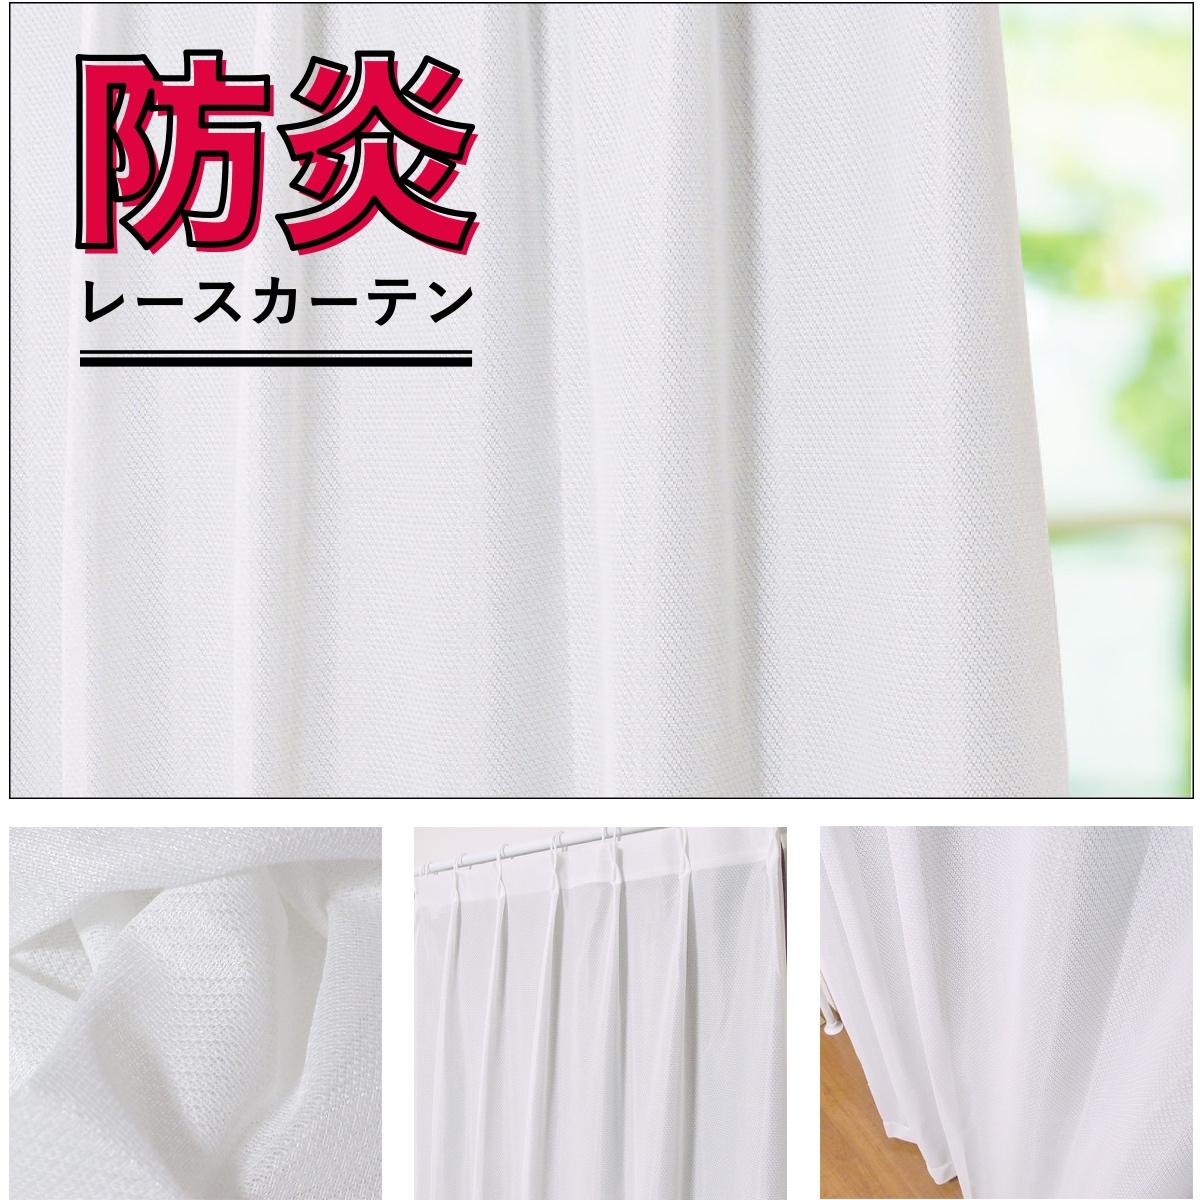 安心安全の防炎レースカーテン。<br />夏は涼しく、冬は暖かく。【プランタン】